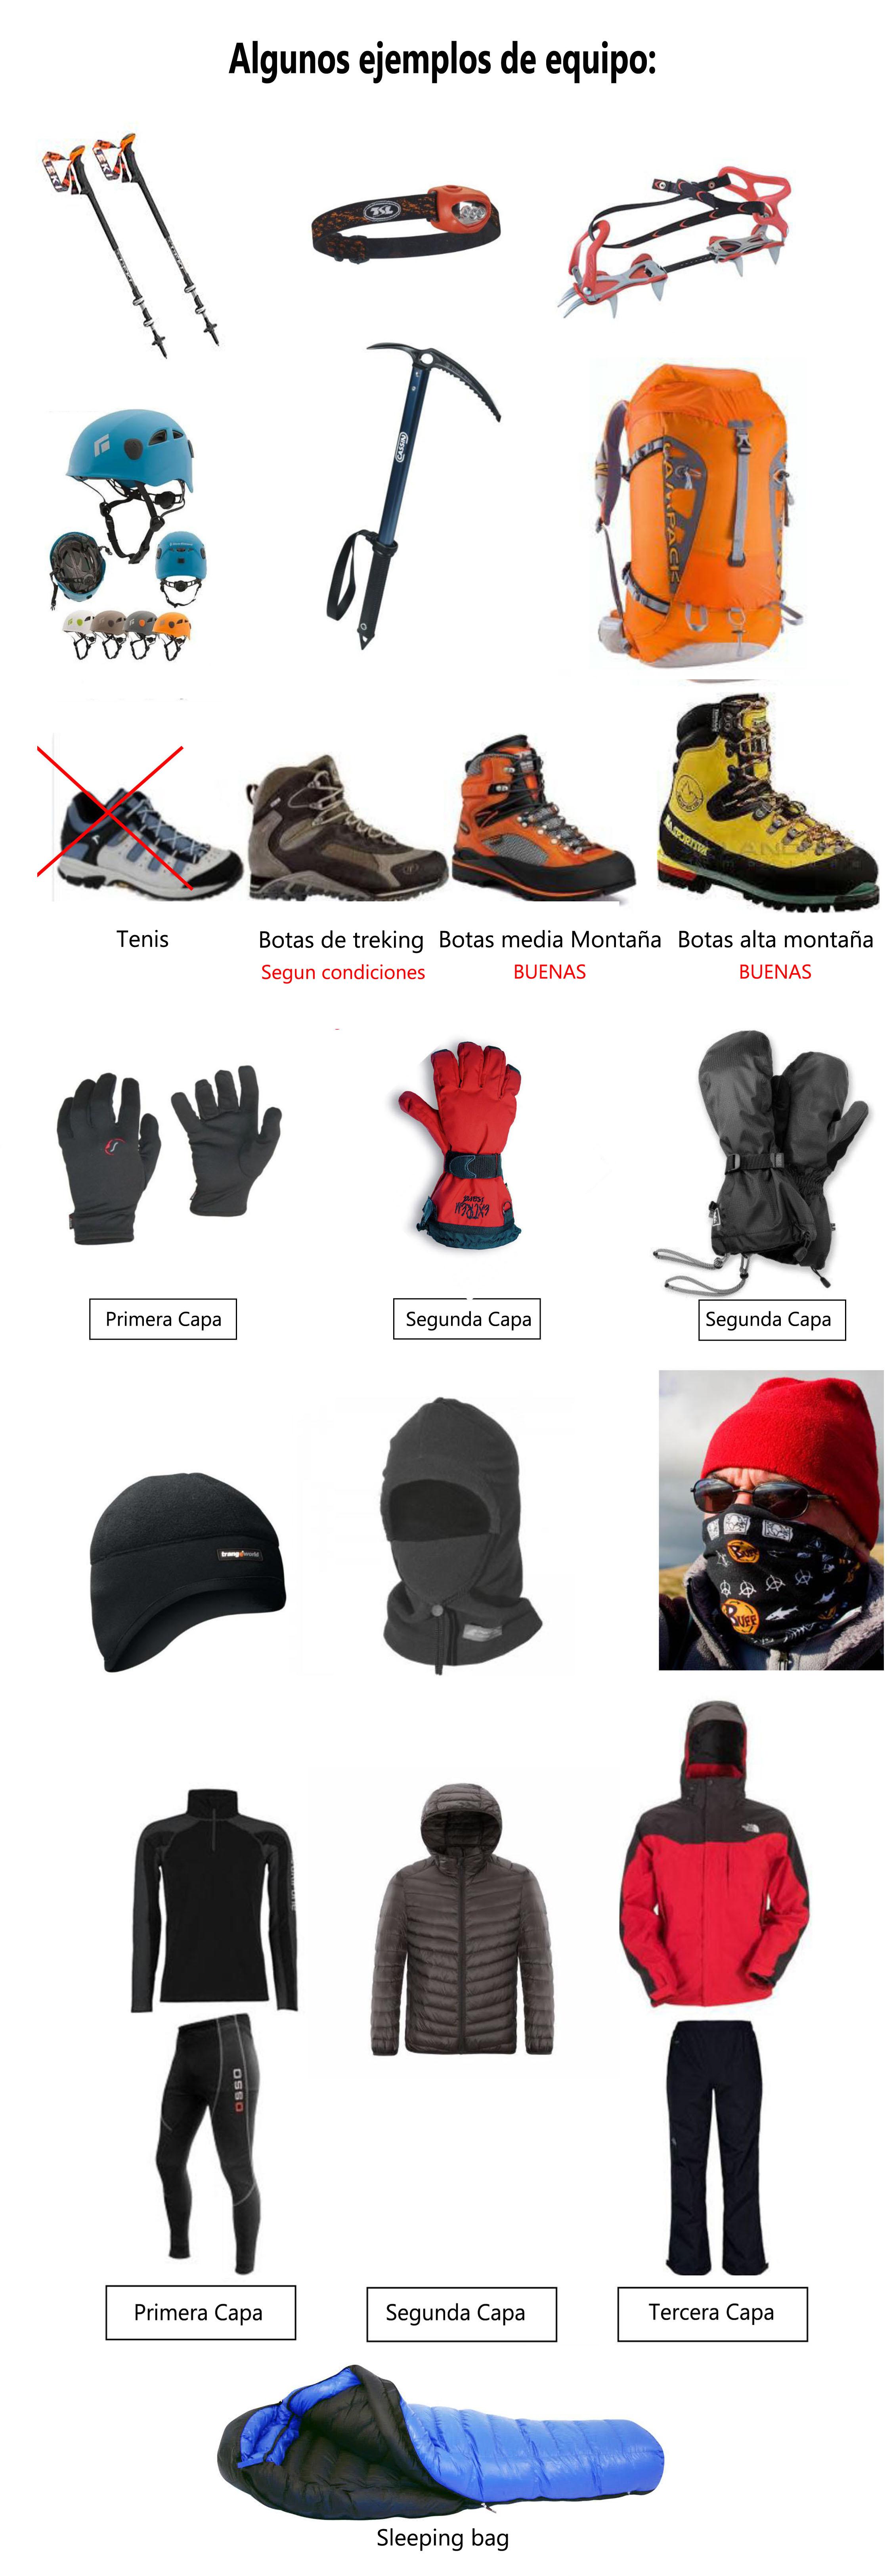 Equipo de alpinismo para el Pico de Orizaba recomendado